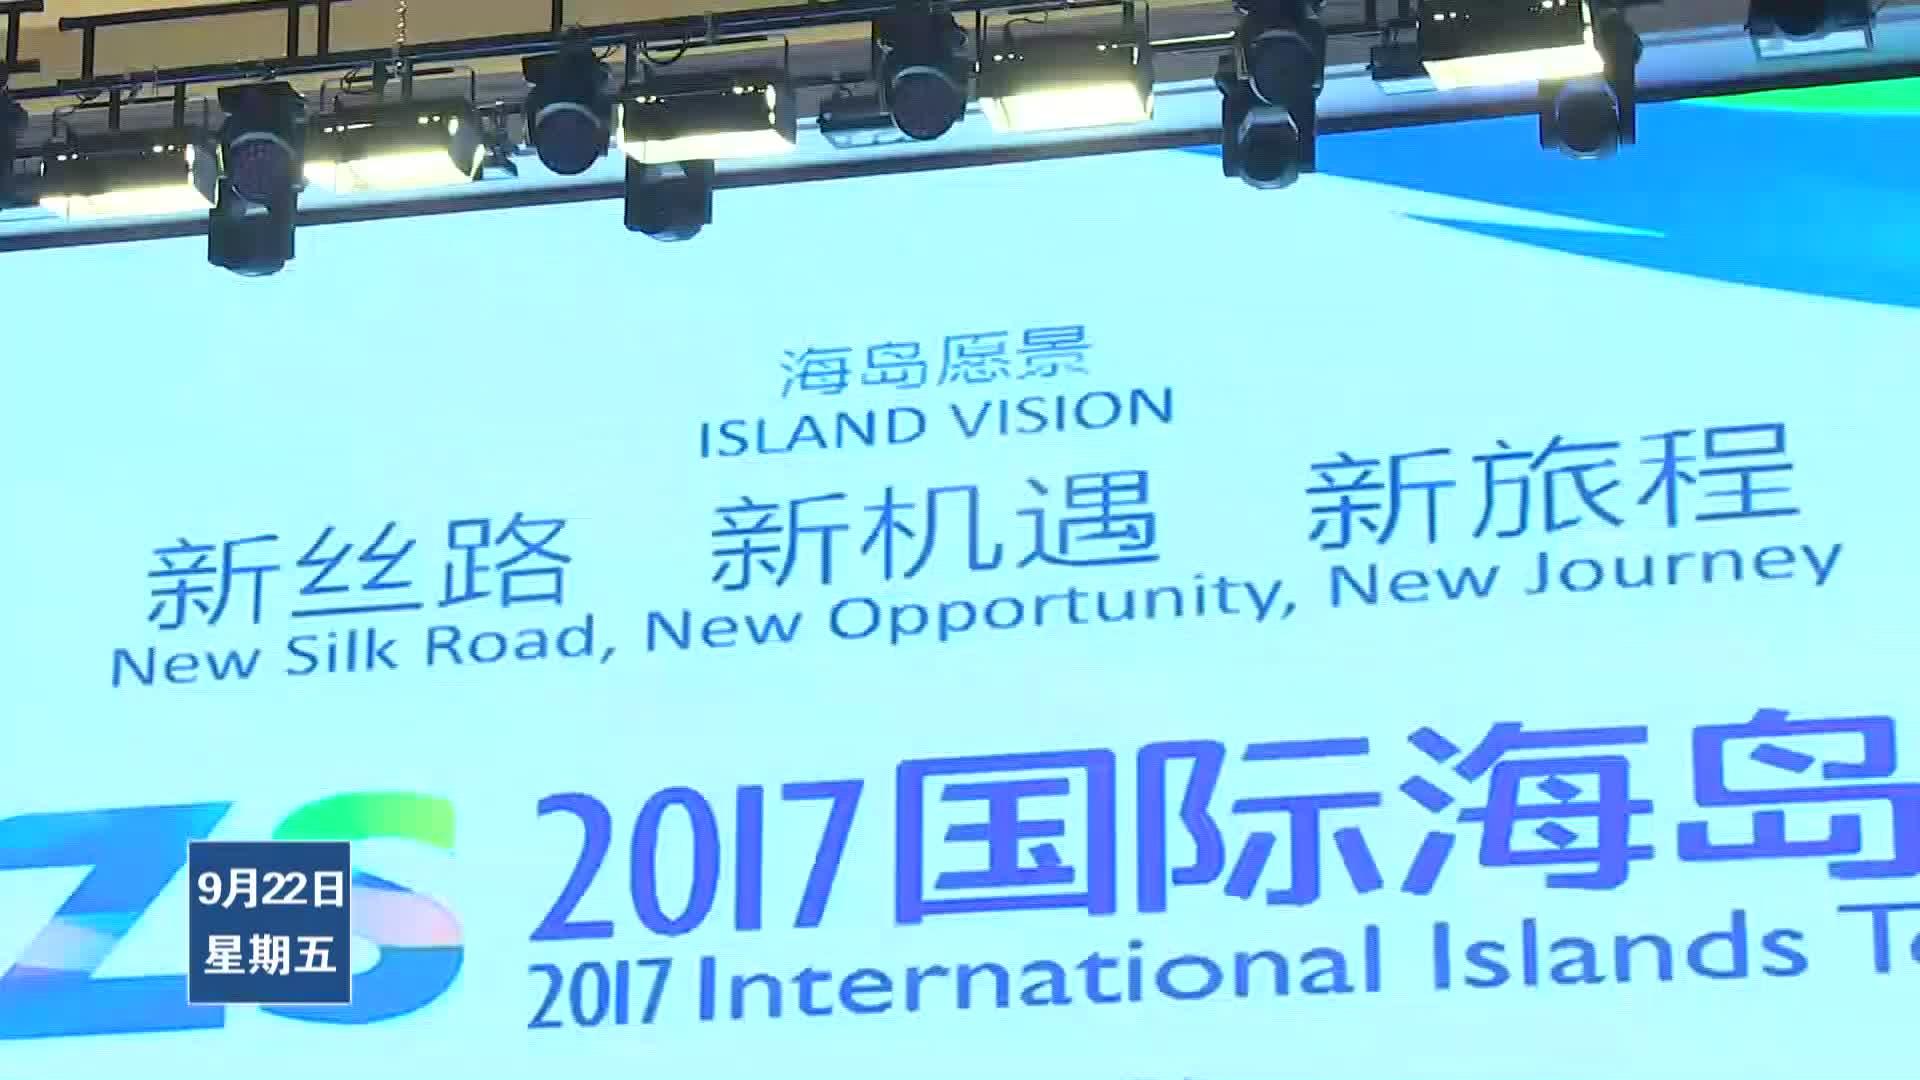 2017国际海岛旅游大会今天隆重开幕